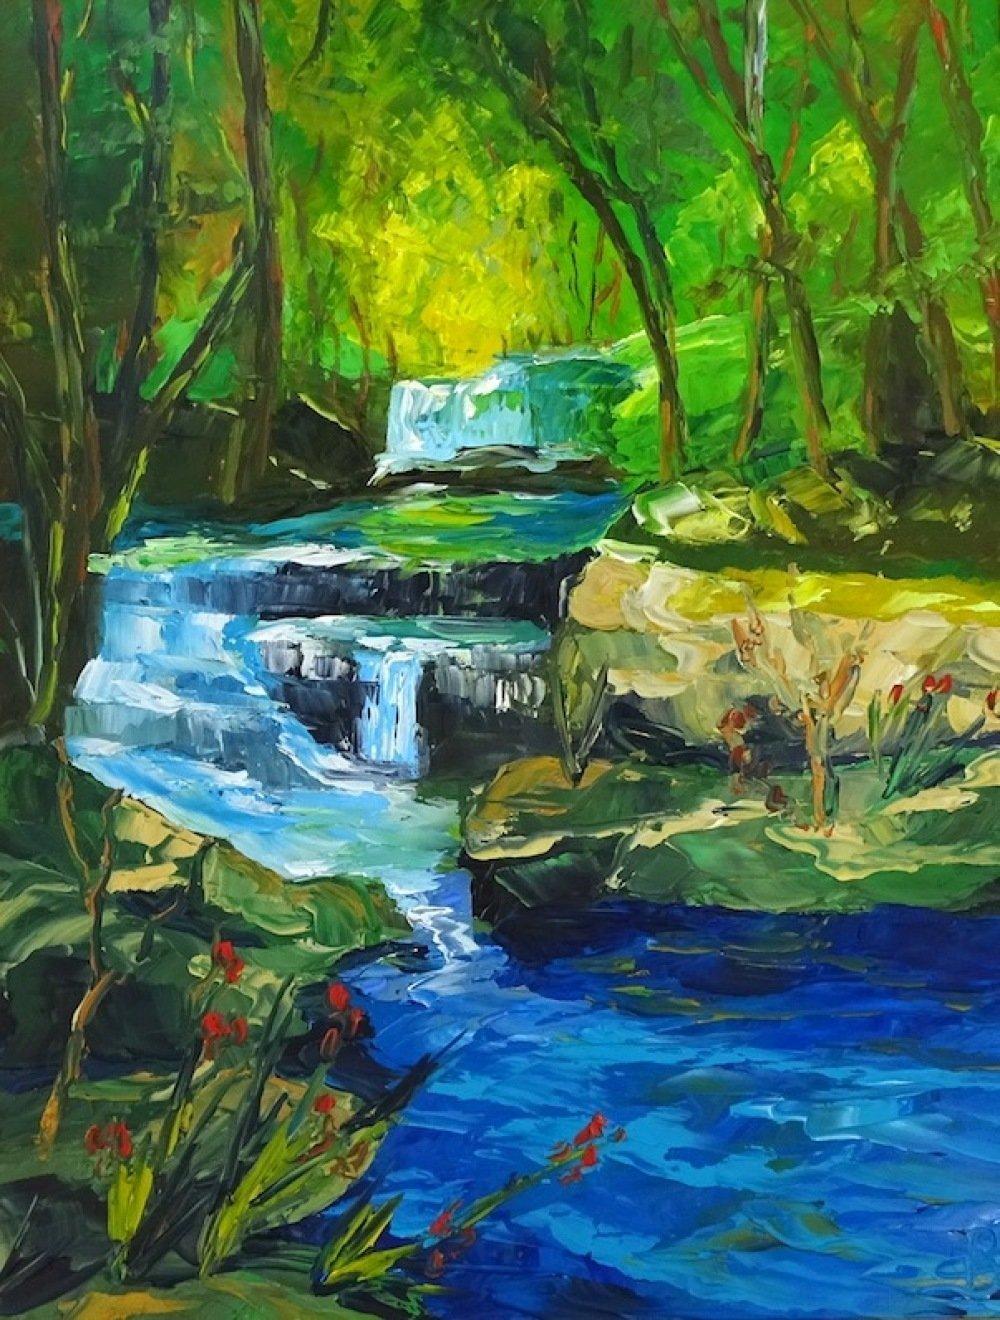 Tableau peinture sur toile à l'huile, peinture couteau, tableau rivière, tableau paysage, La cascade